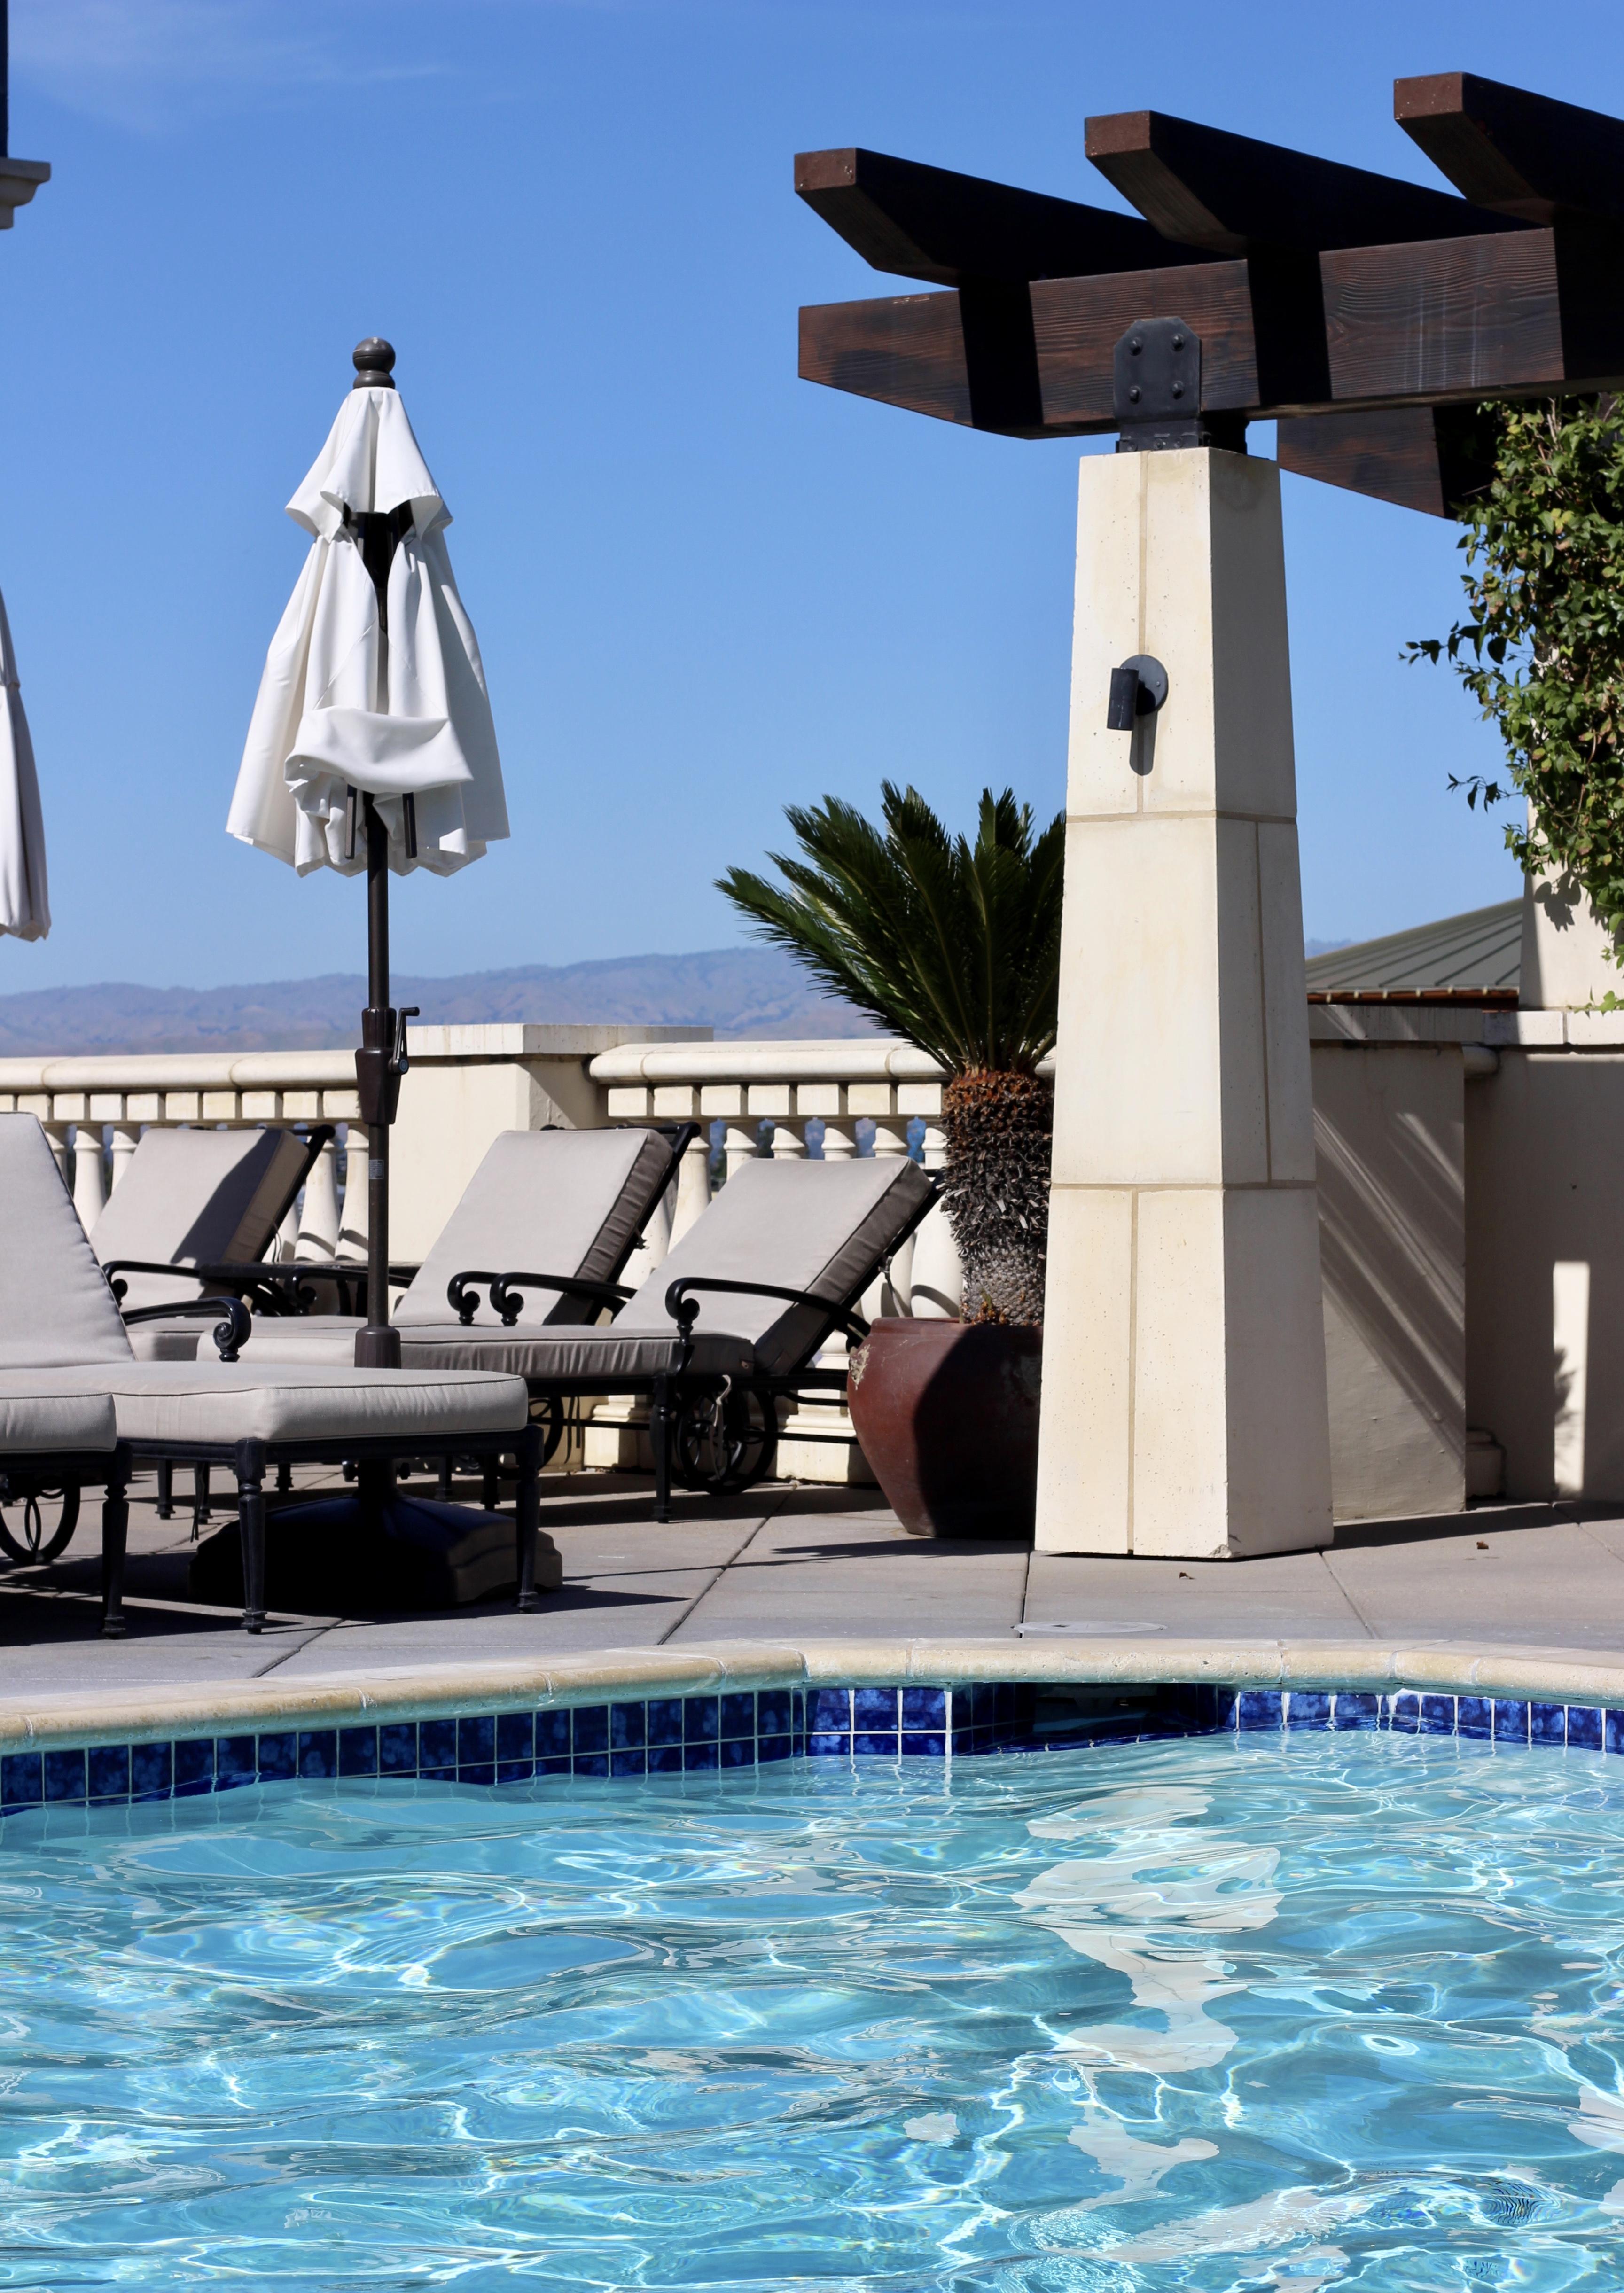 hotel valencia santana row pool